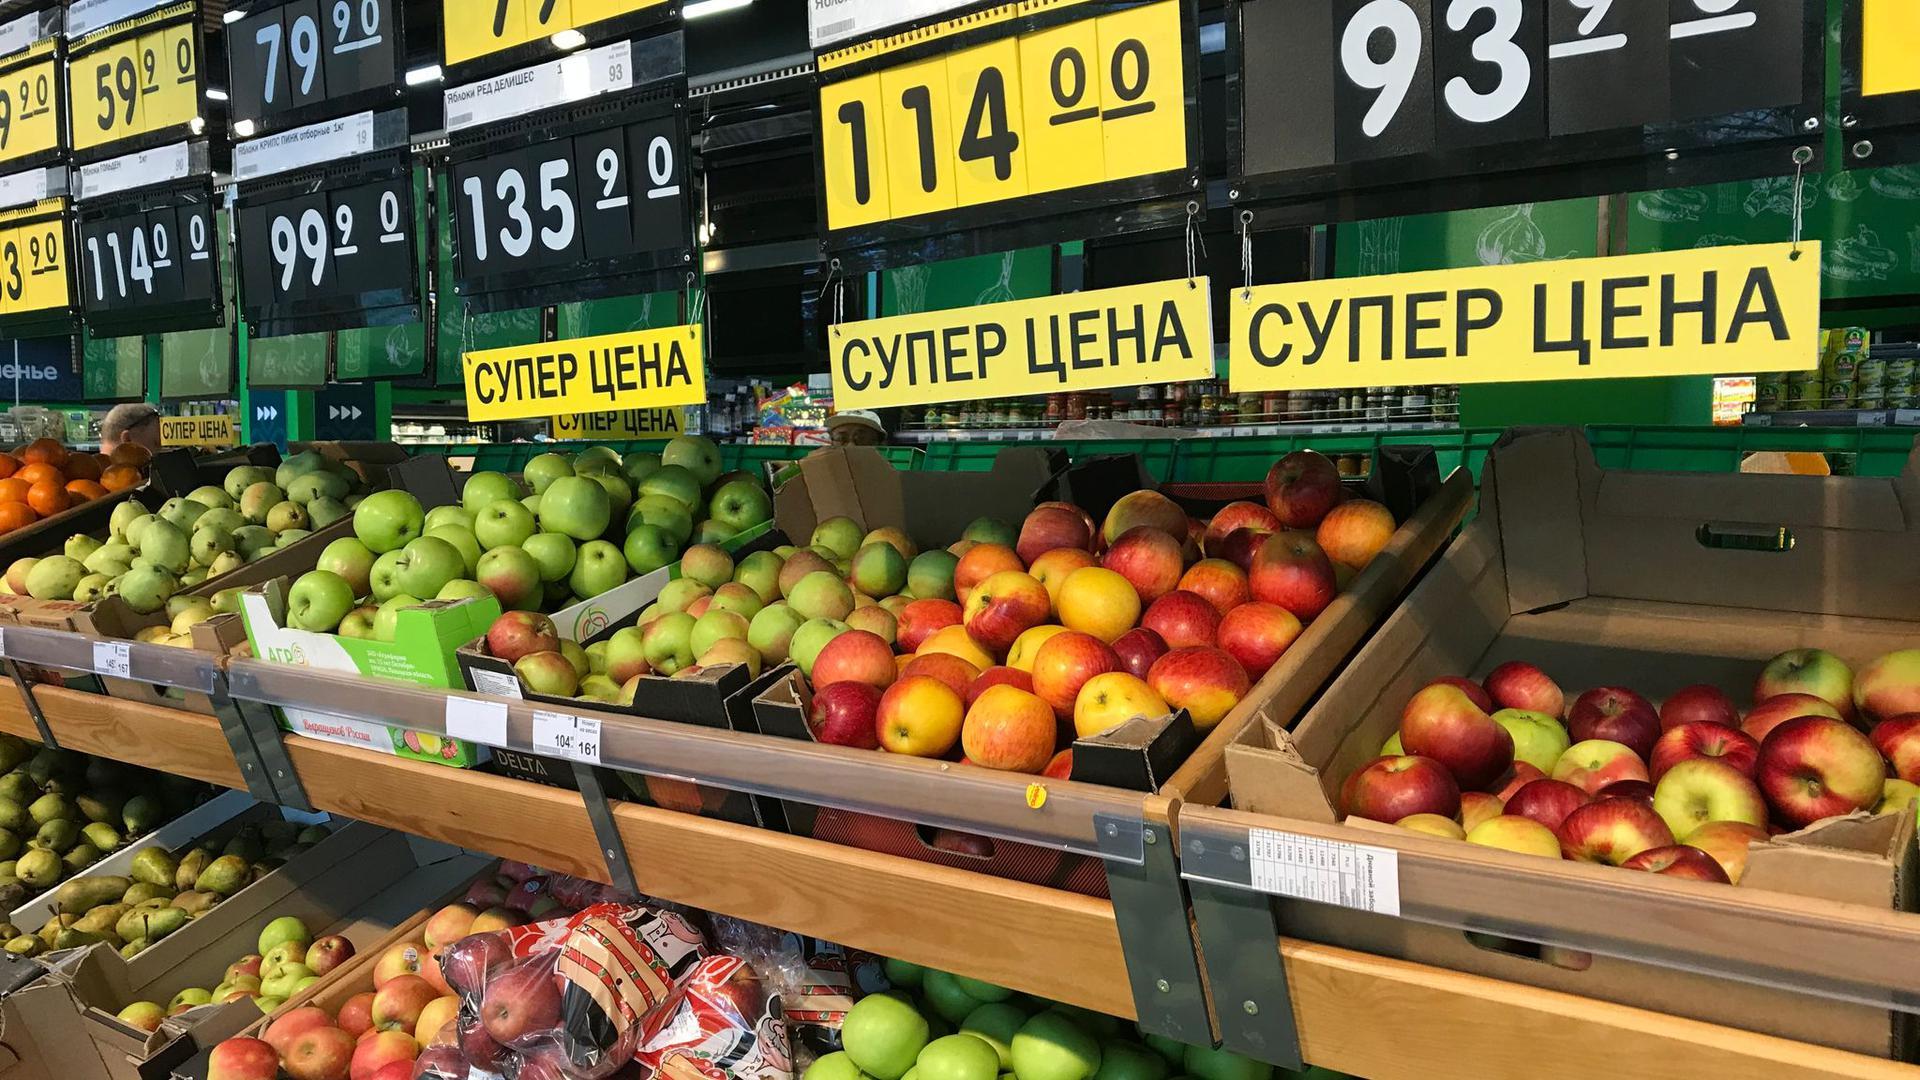 Eine Obst- und Gemüsetheke in einem Supermarkt in Moskau.